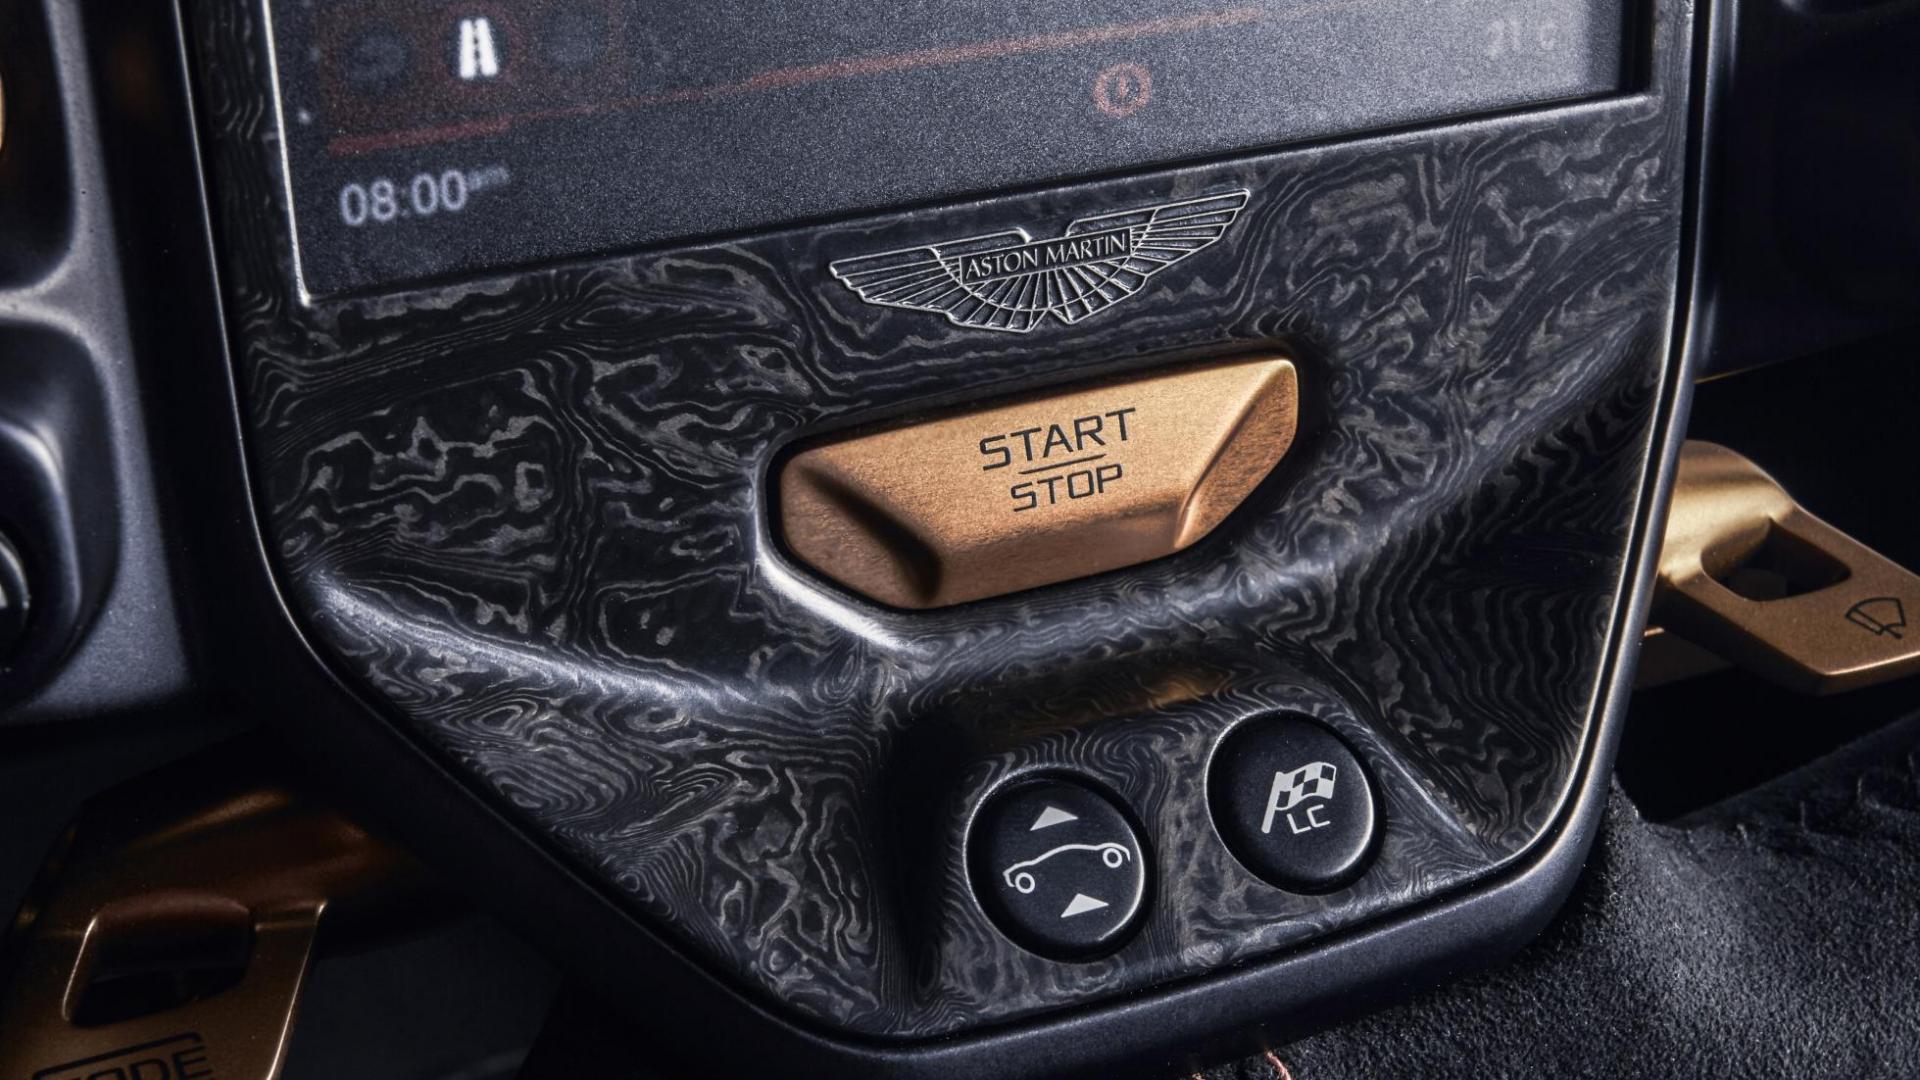 Aston Martin Valkyrie start stop knop